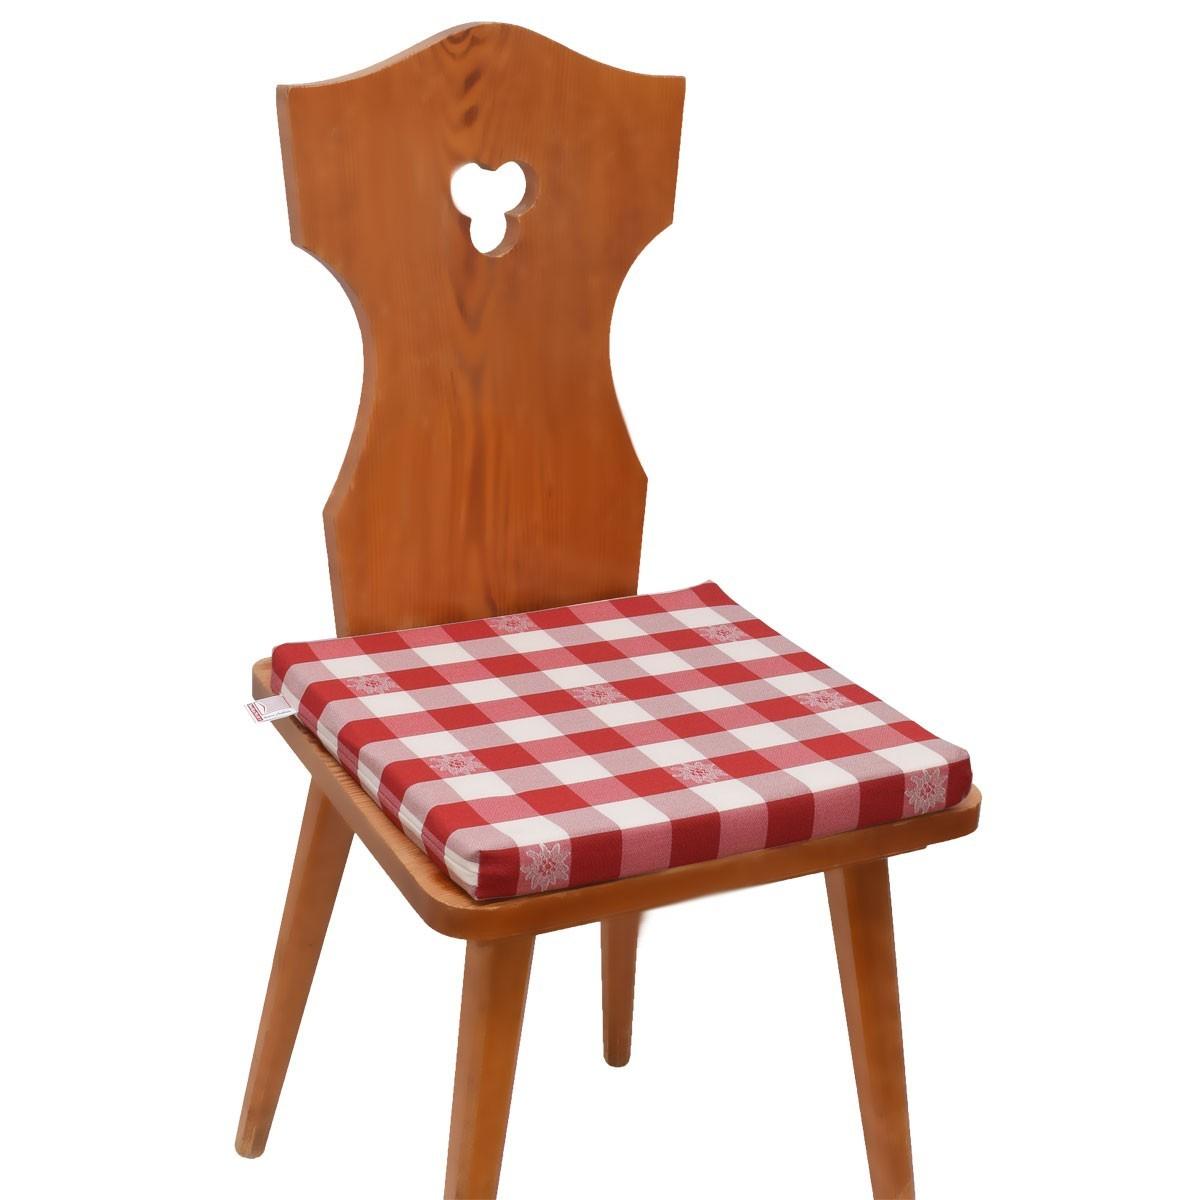 Mit Karo Komplett Kissen Sitzkissen Weiß Edelweiß Rot knO0Pw